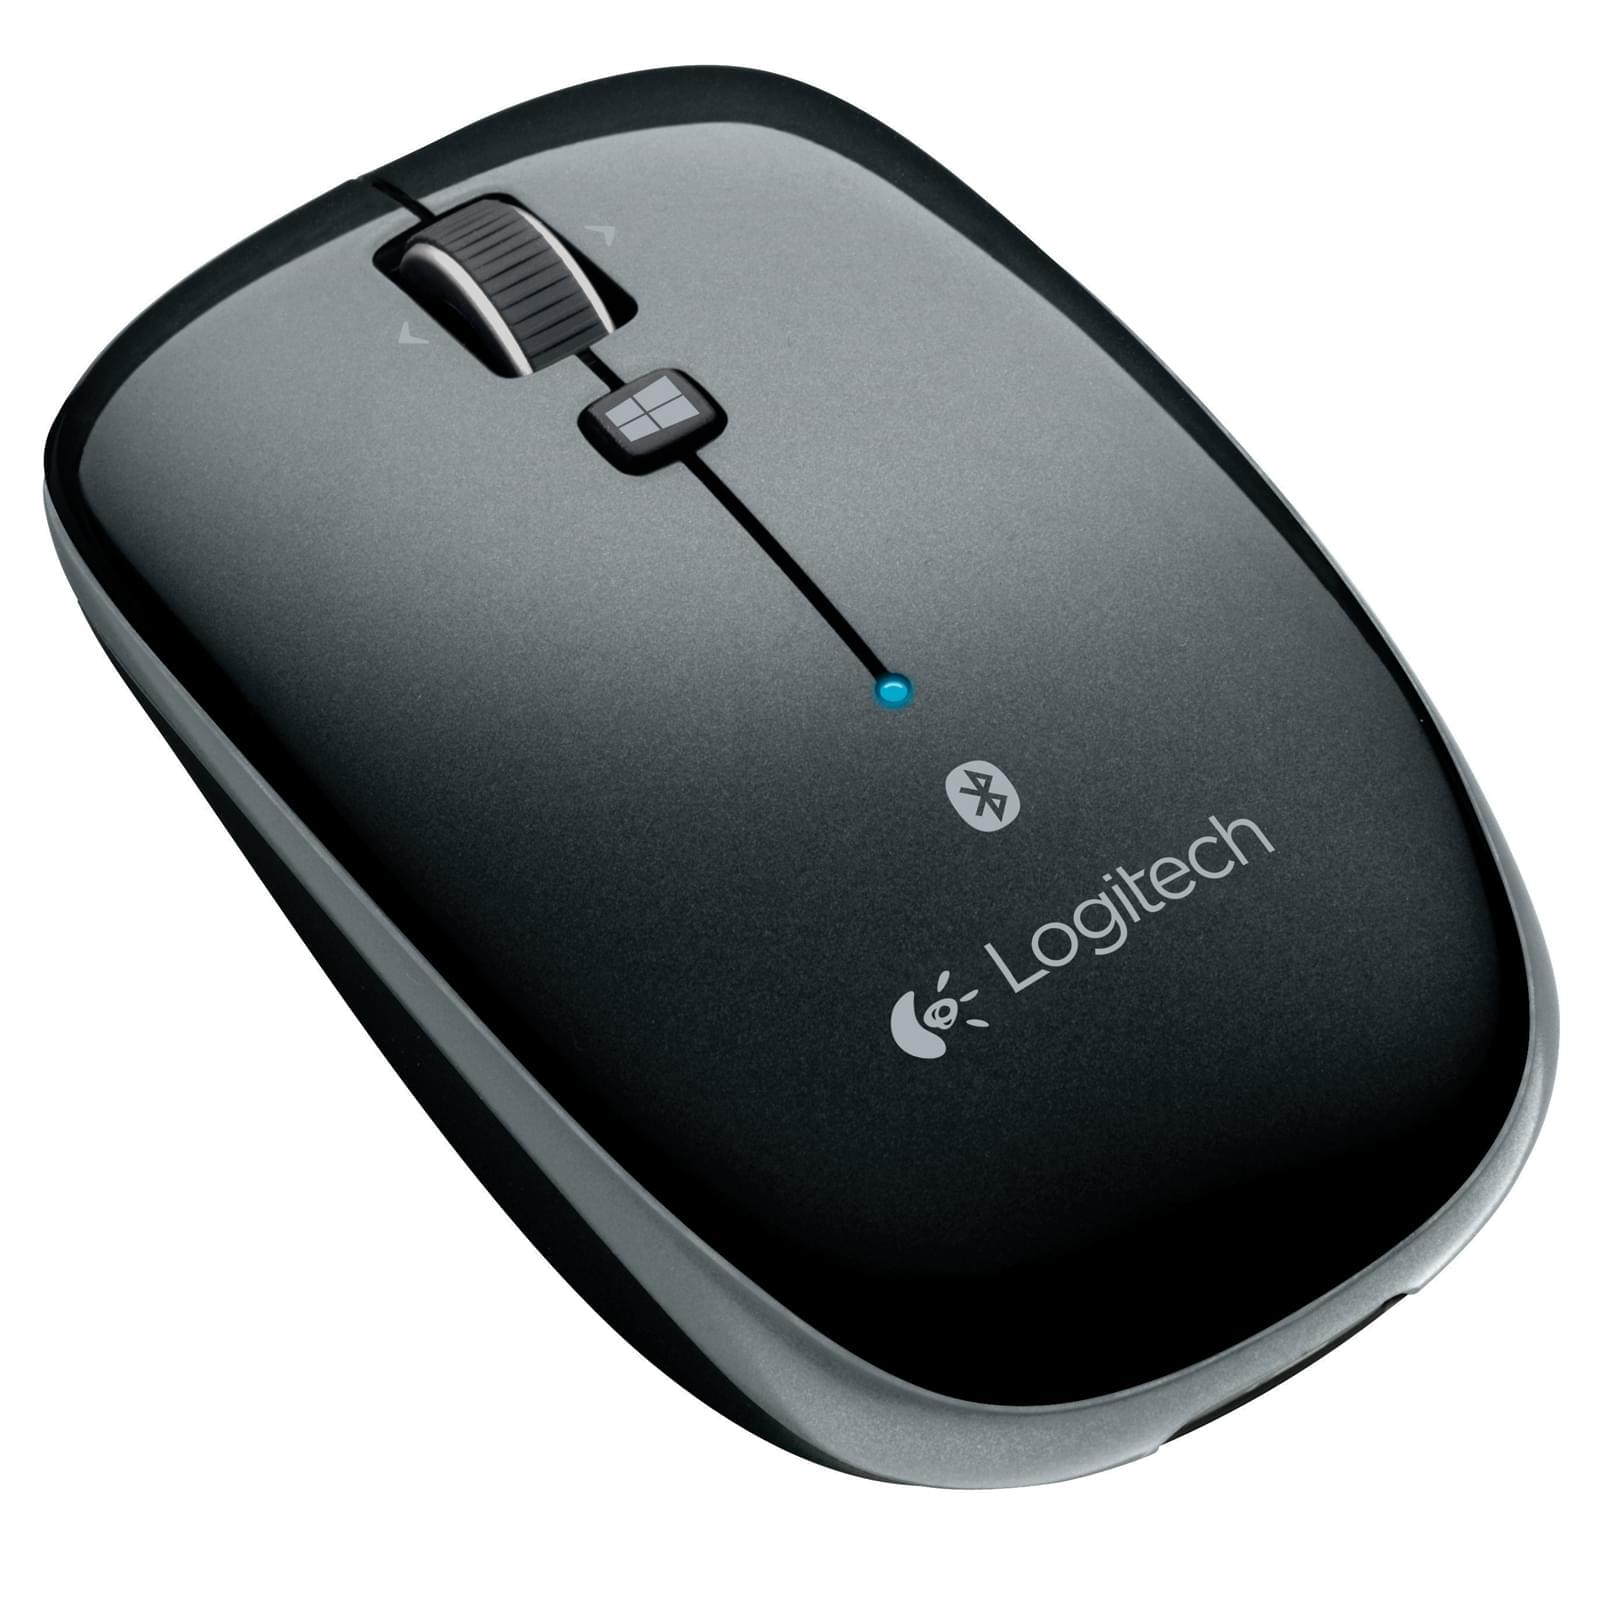 Logitech Souris PC Bluetooth Mouse M557 - 0